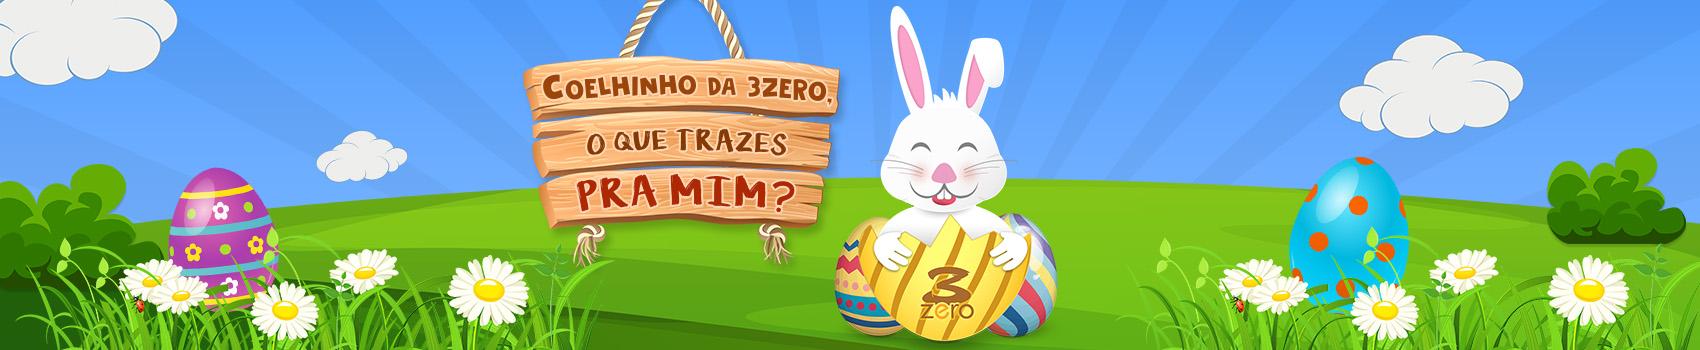 3zero Brindes